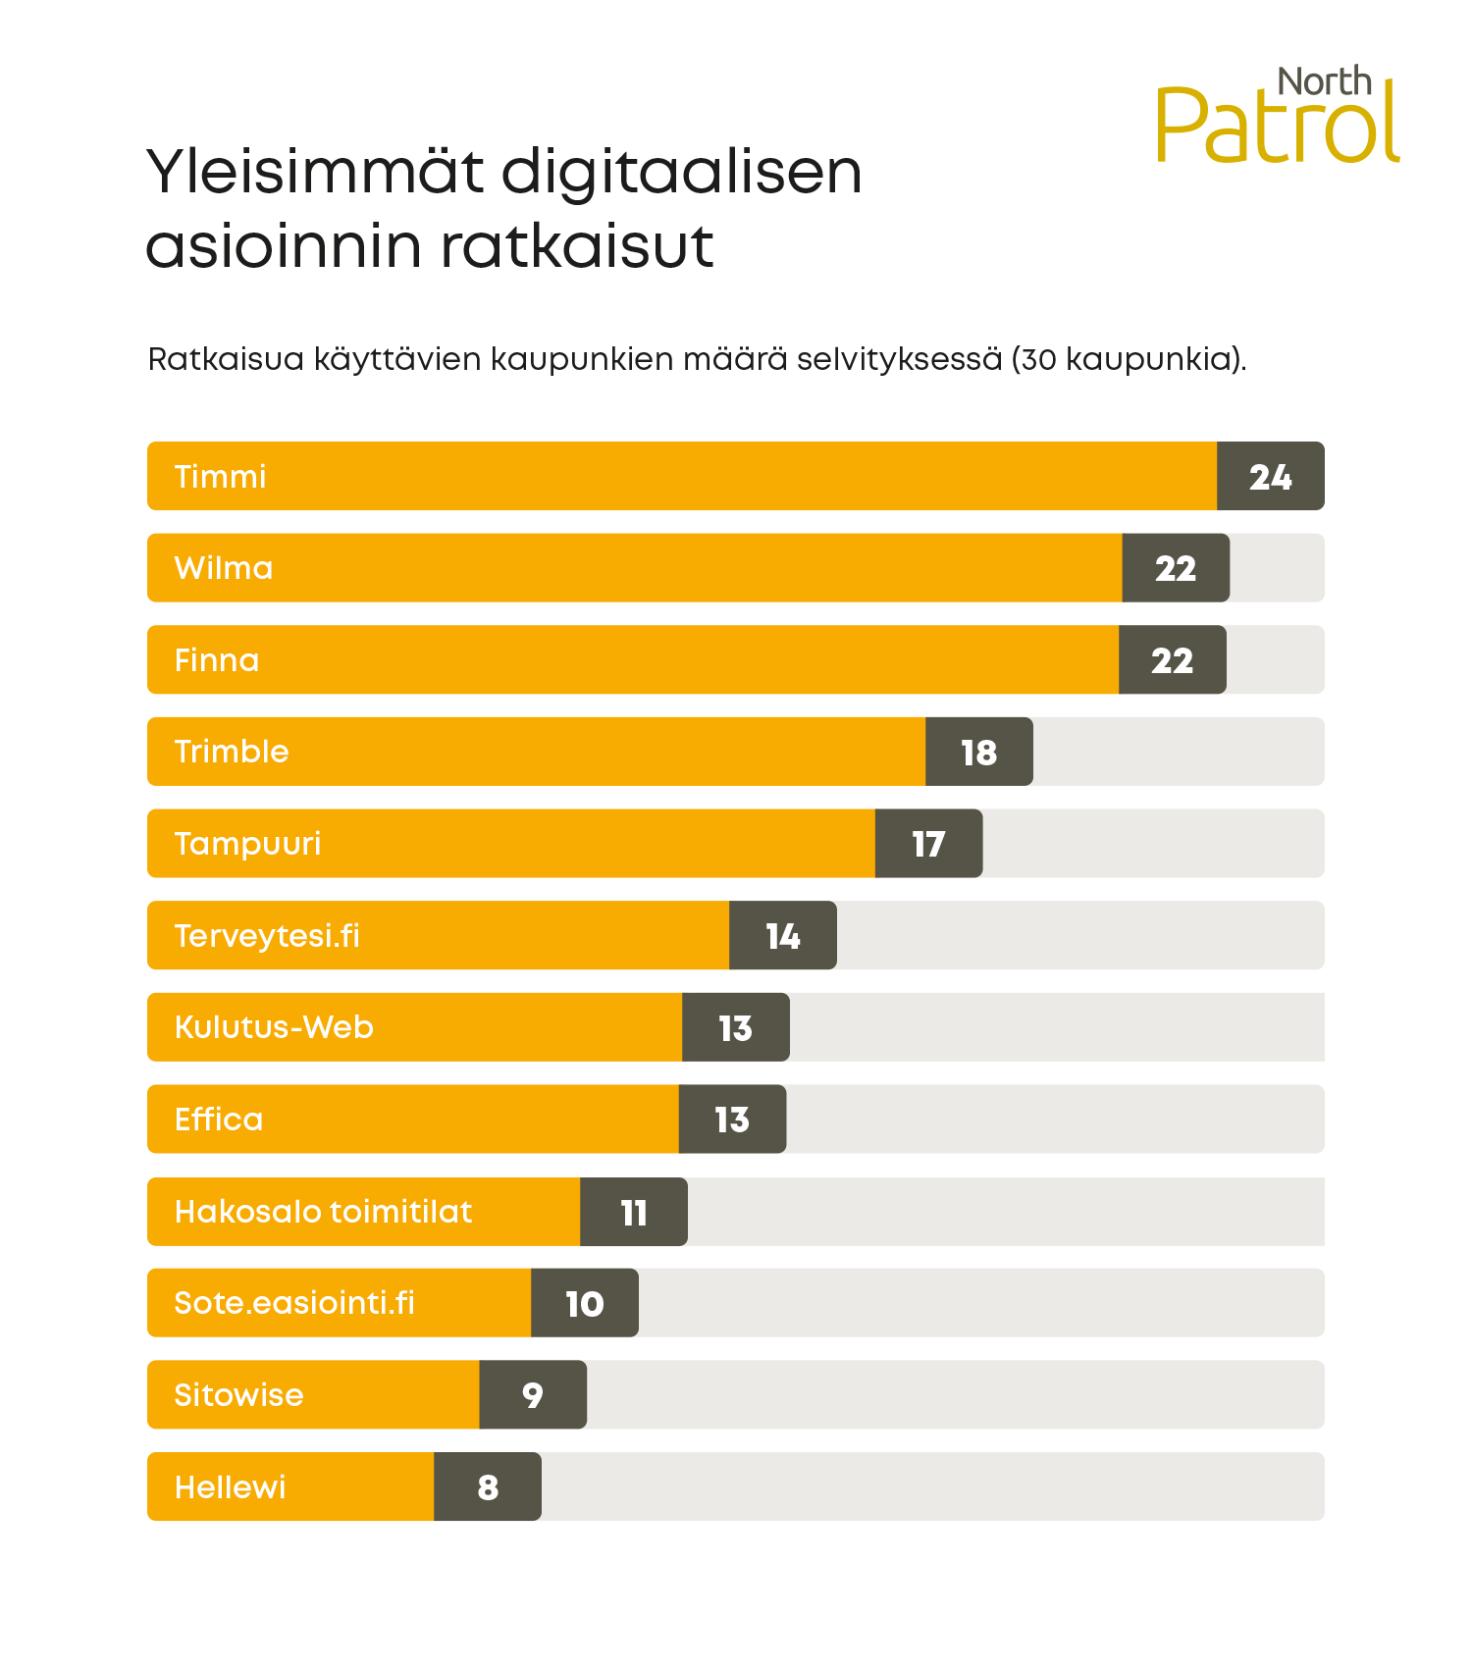 Yleisimmät digitaalisen asioinnin valmisratkaisut Suomen kunnissa